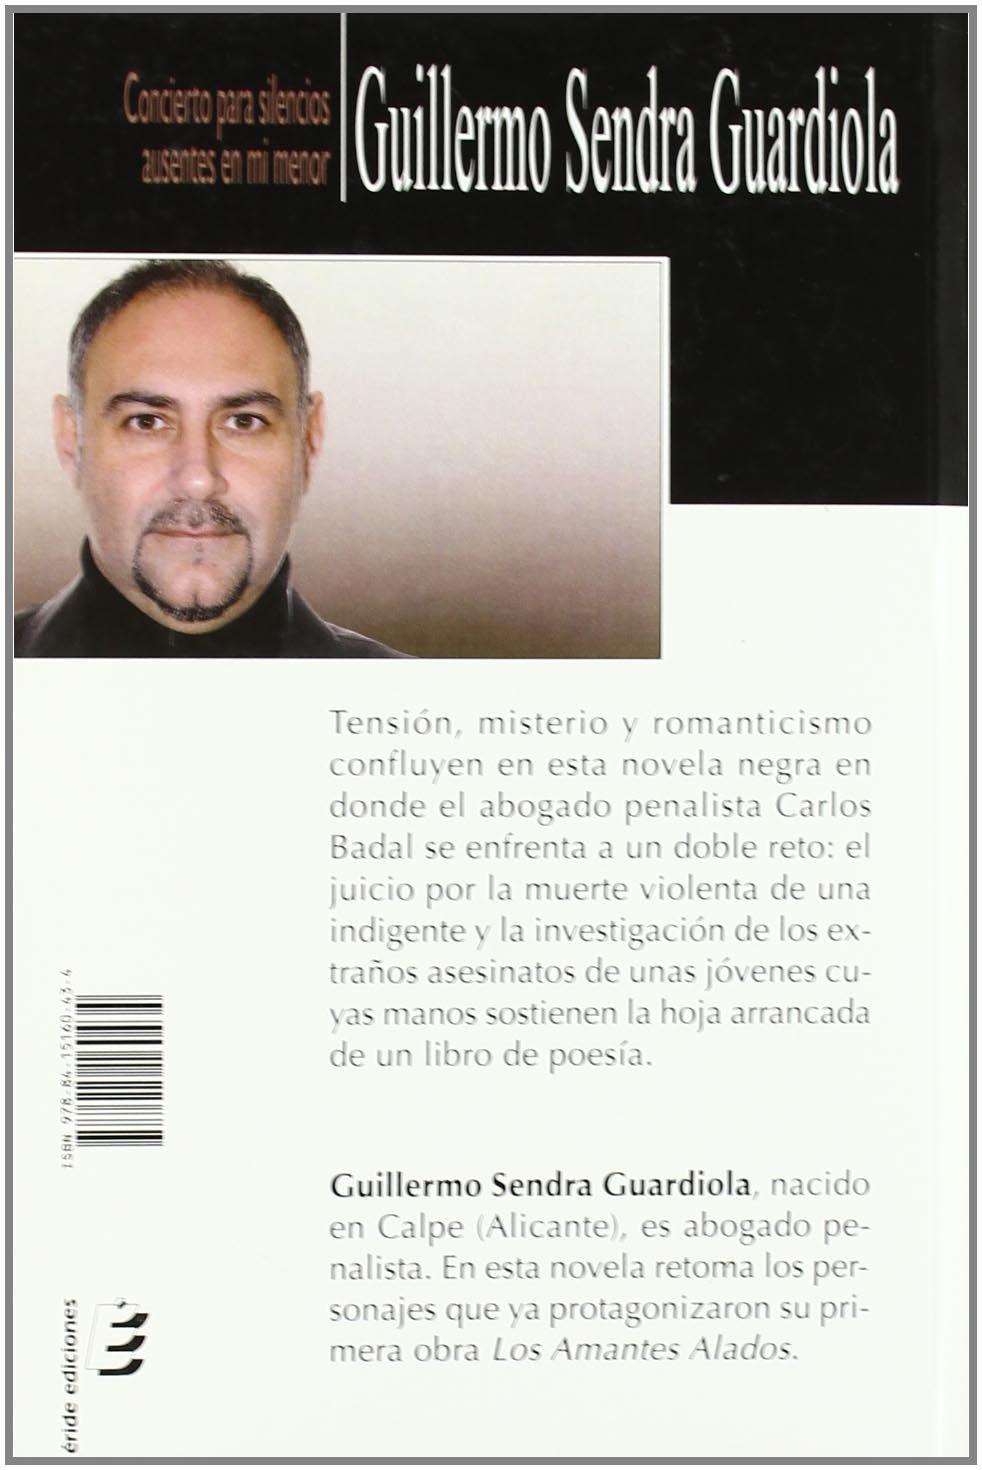 Concierto para silencios ausentes en mi menor: Amazon.es: Guillermo Sendra Guardiola: Libros